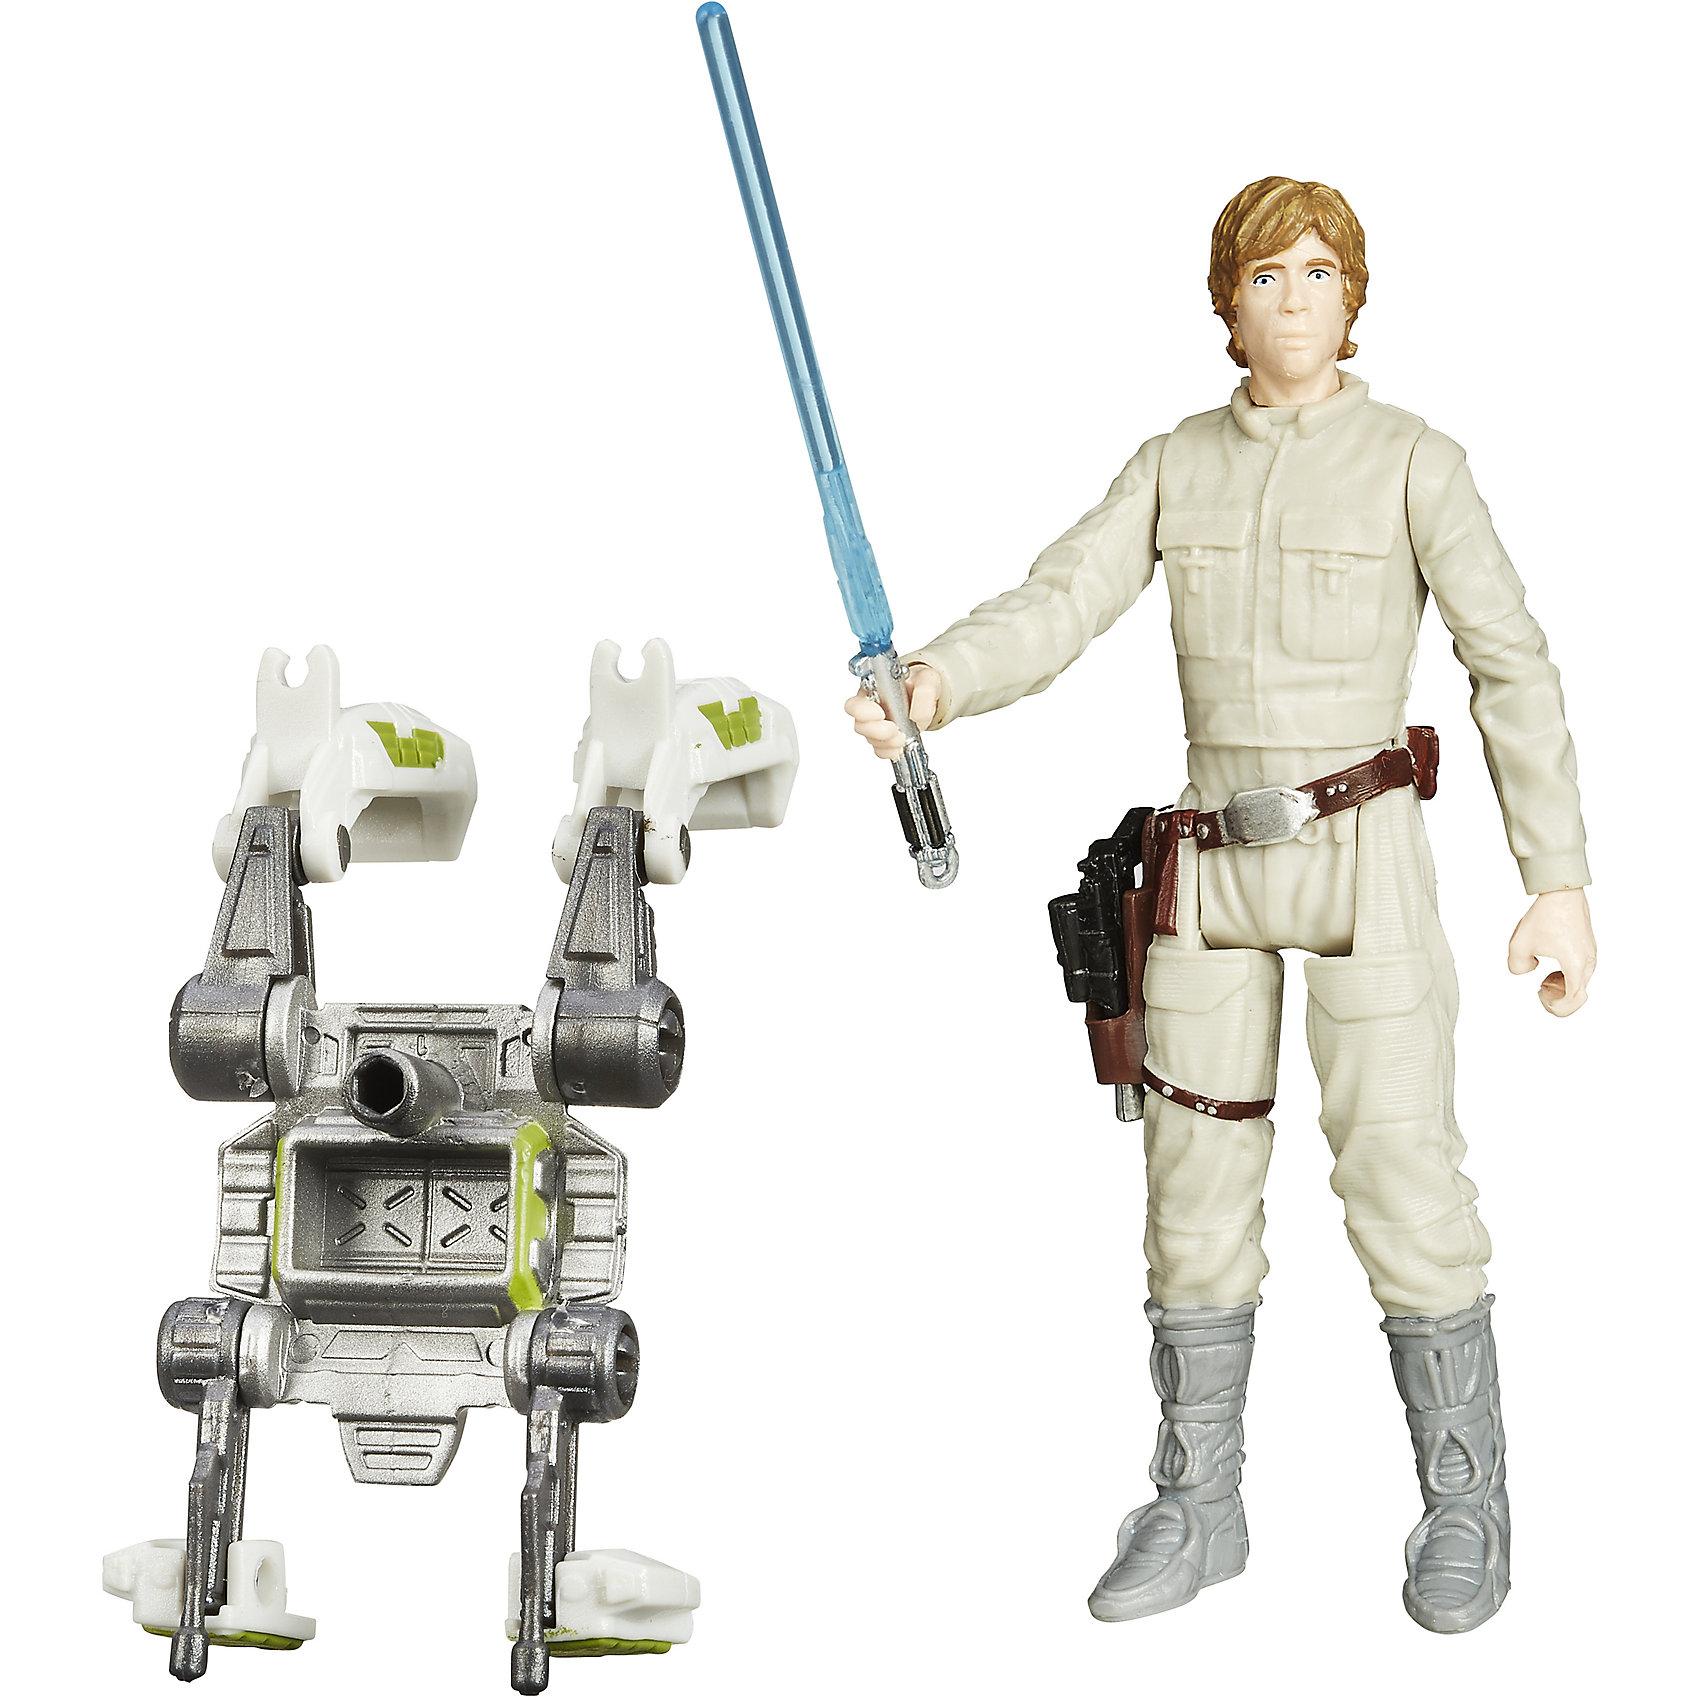 Hasbro Фигурка вселенной Звездные Войны (Джунгли/ Космос), Люк Скайуокер star wars фигурка звездные войны люк скайуокер с тренировочным модулем